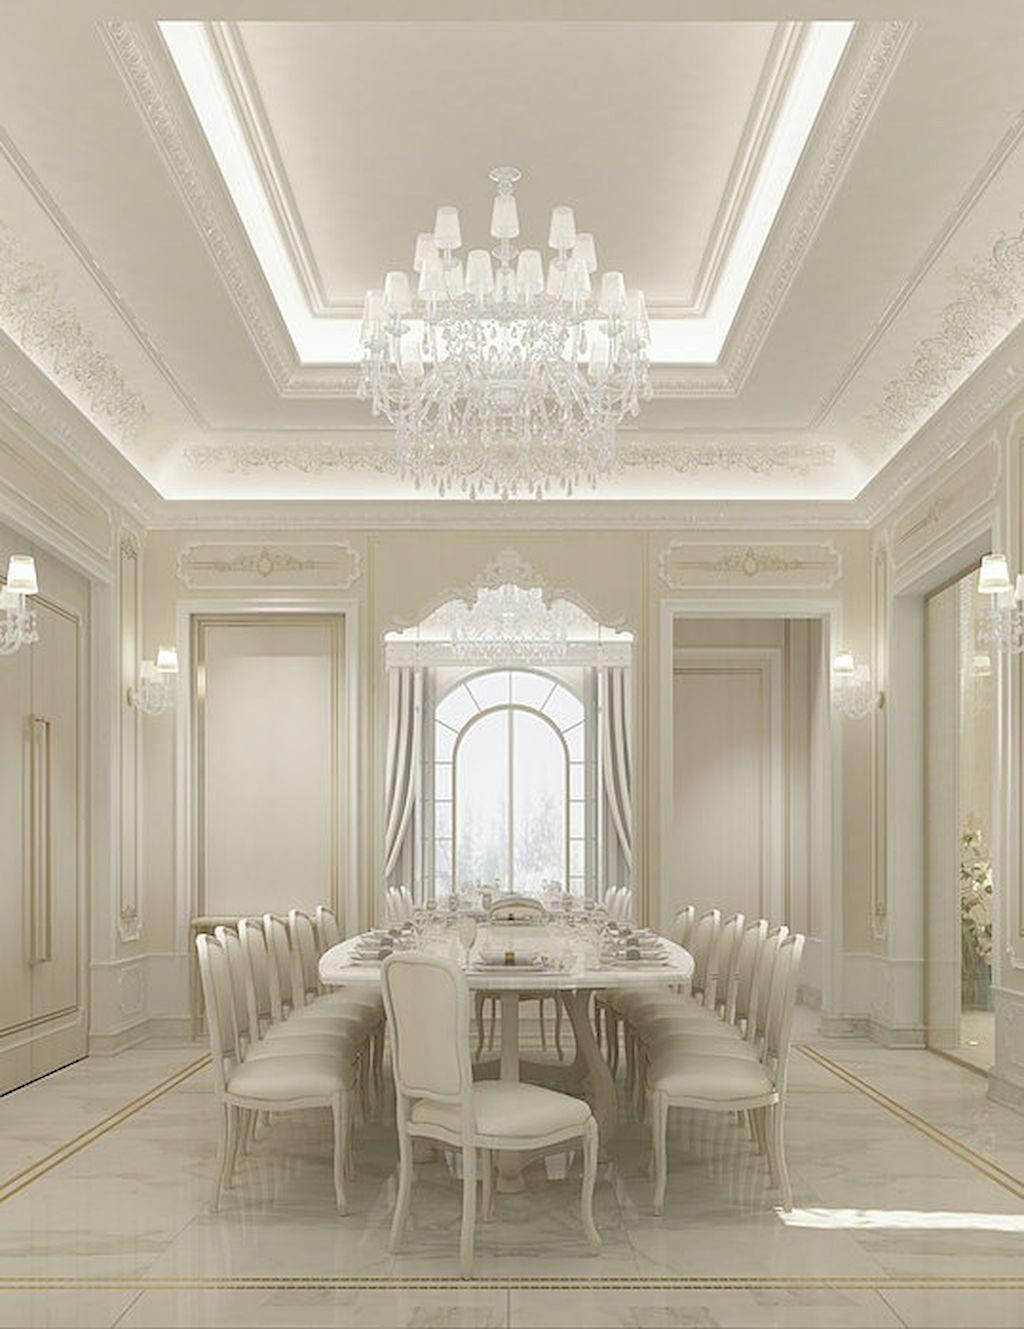 Prima era il quartiere generale. Case Da Sogno Sognostanzedellacasa Luxury Dining Room Luxury Dining Interior Design Dubai